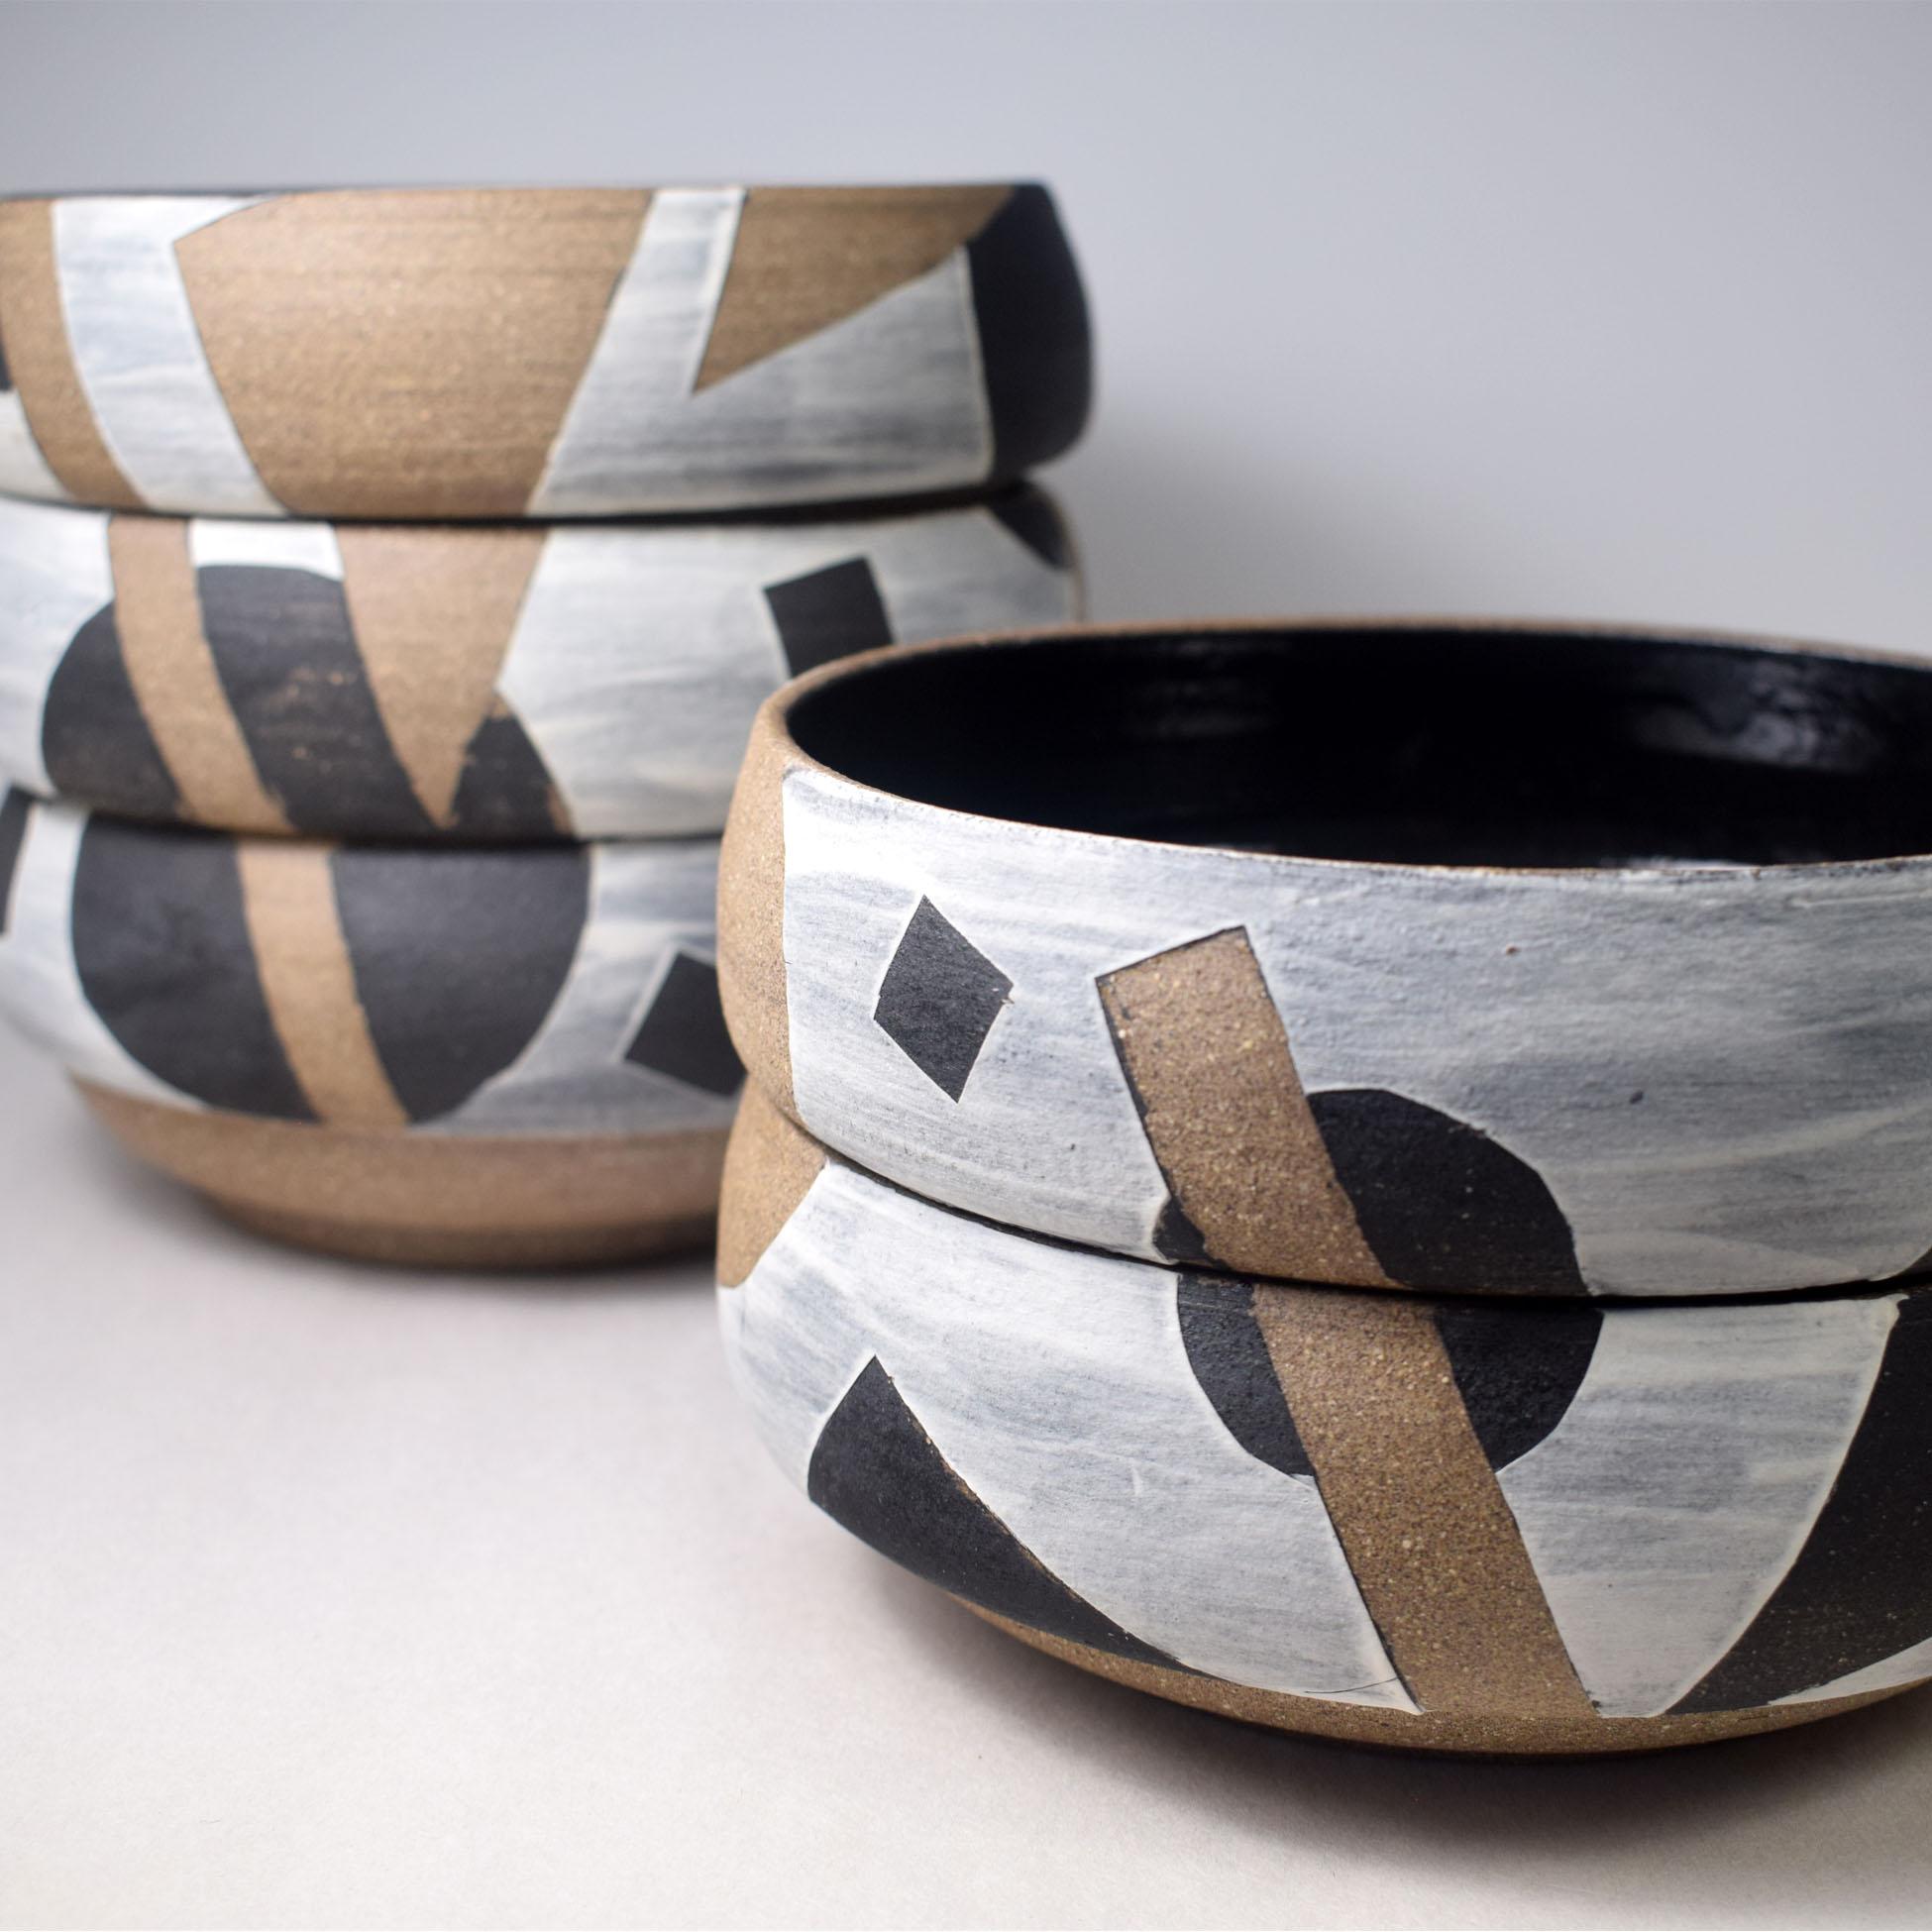 stacking ceramic bowls